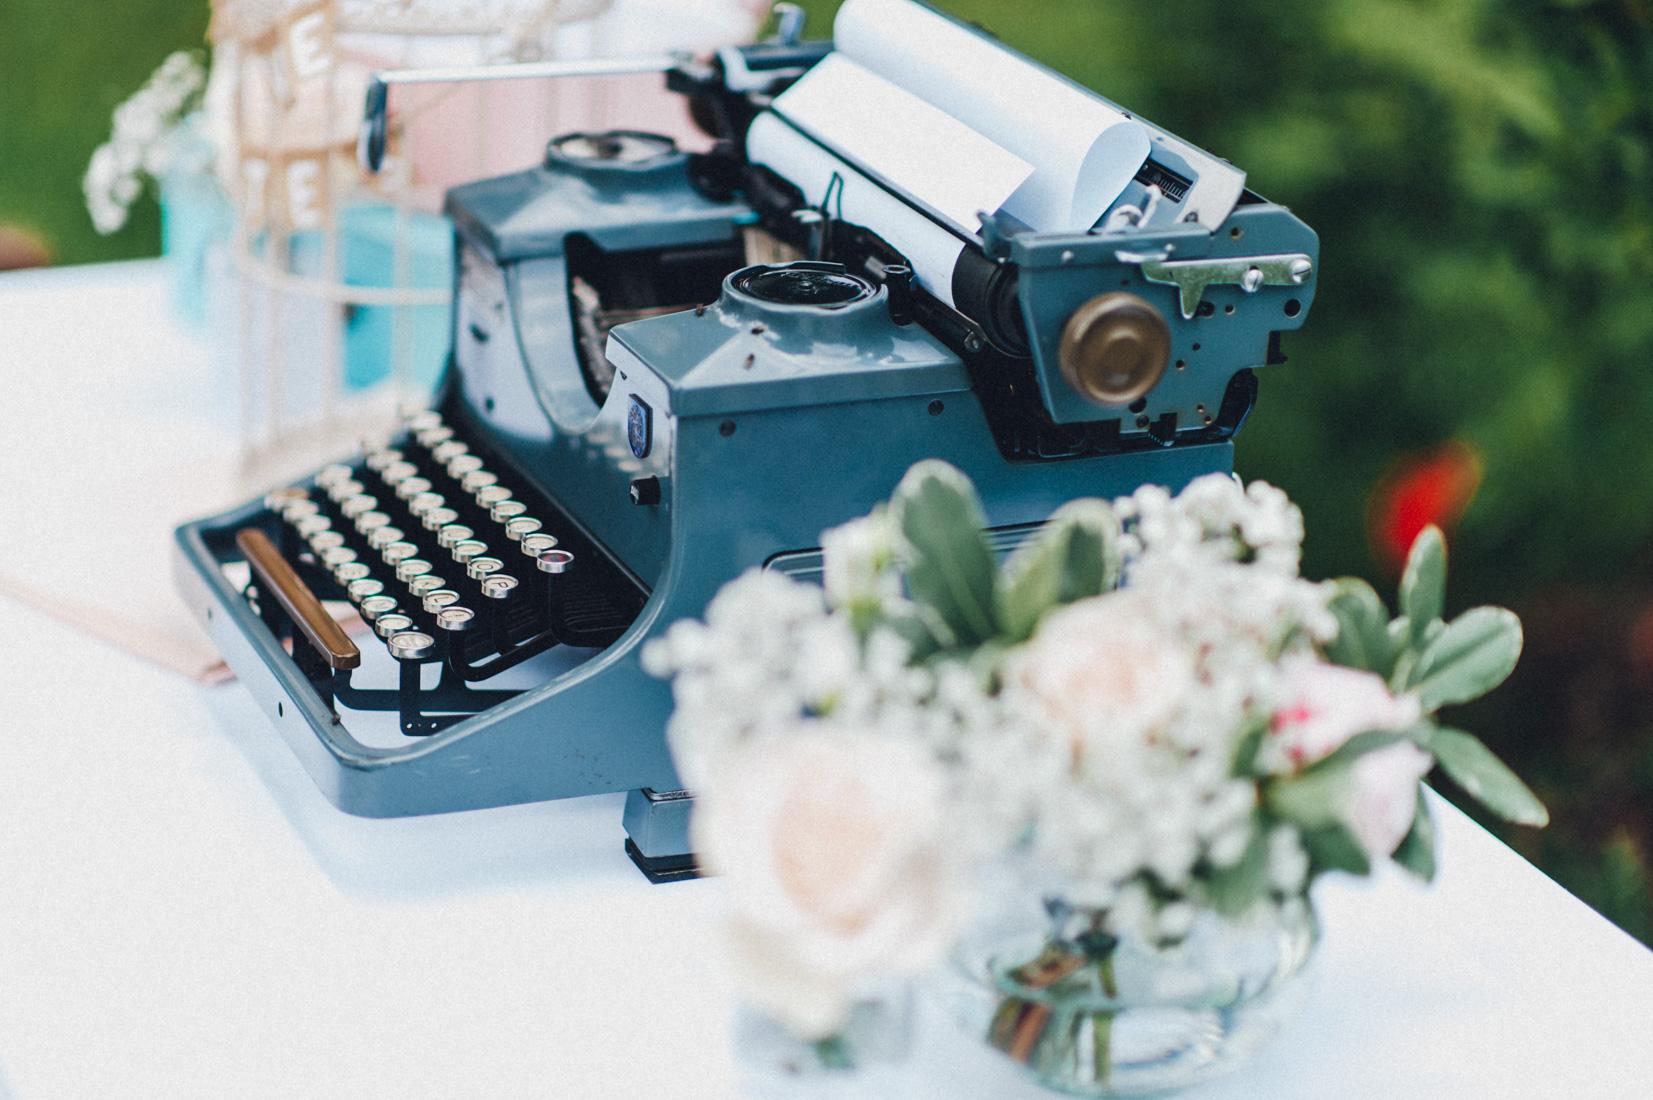 pastel-vintage-hertefeld-85 hochzeitsfotograf schloss hertefeldGalina & Robert DIY Pastel Vintage Hochzeit auf Schloss Hertefeldpastel vintage hertefeld 85